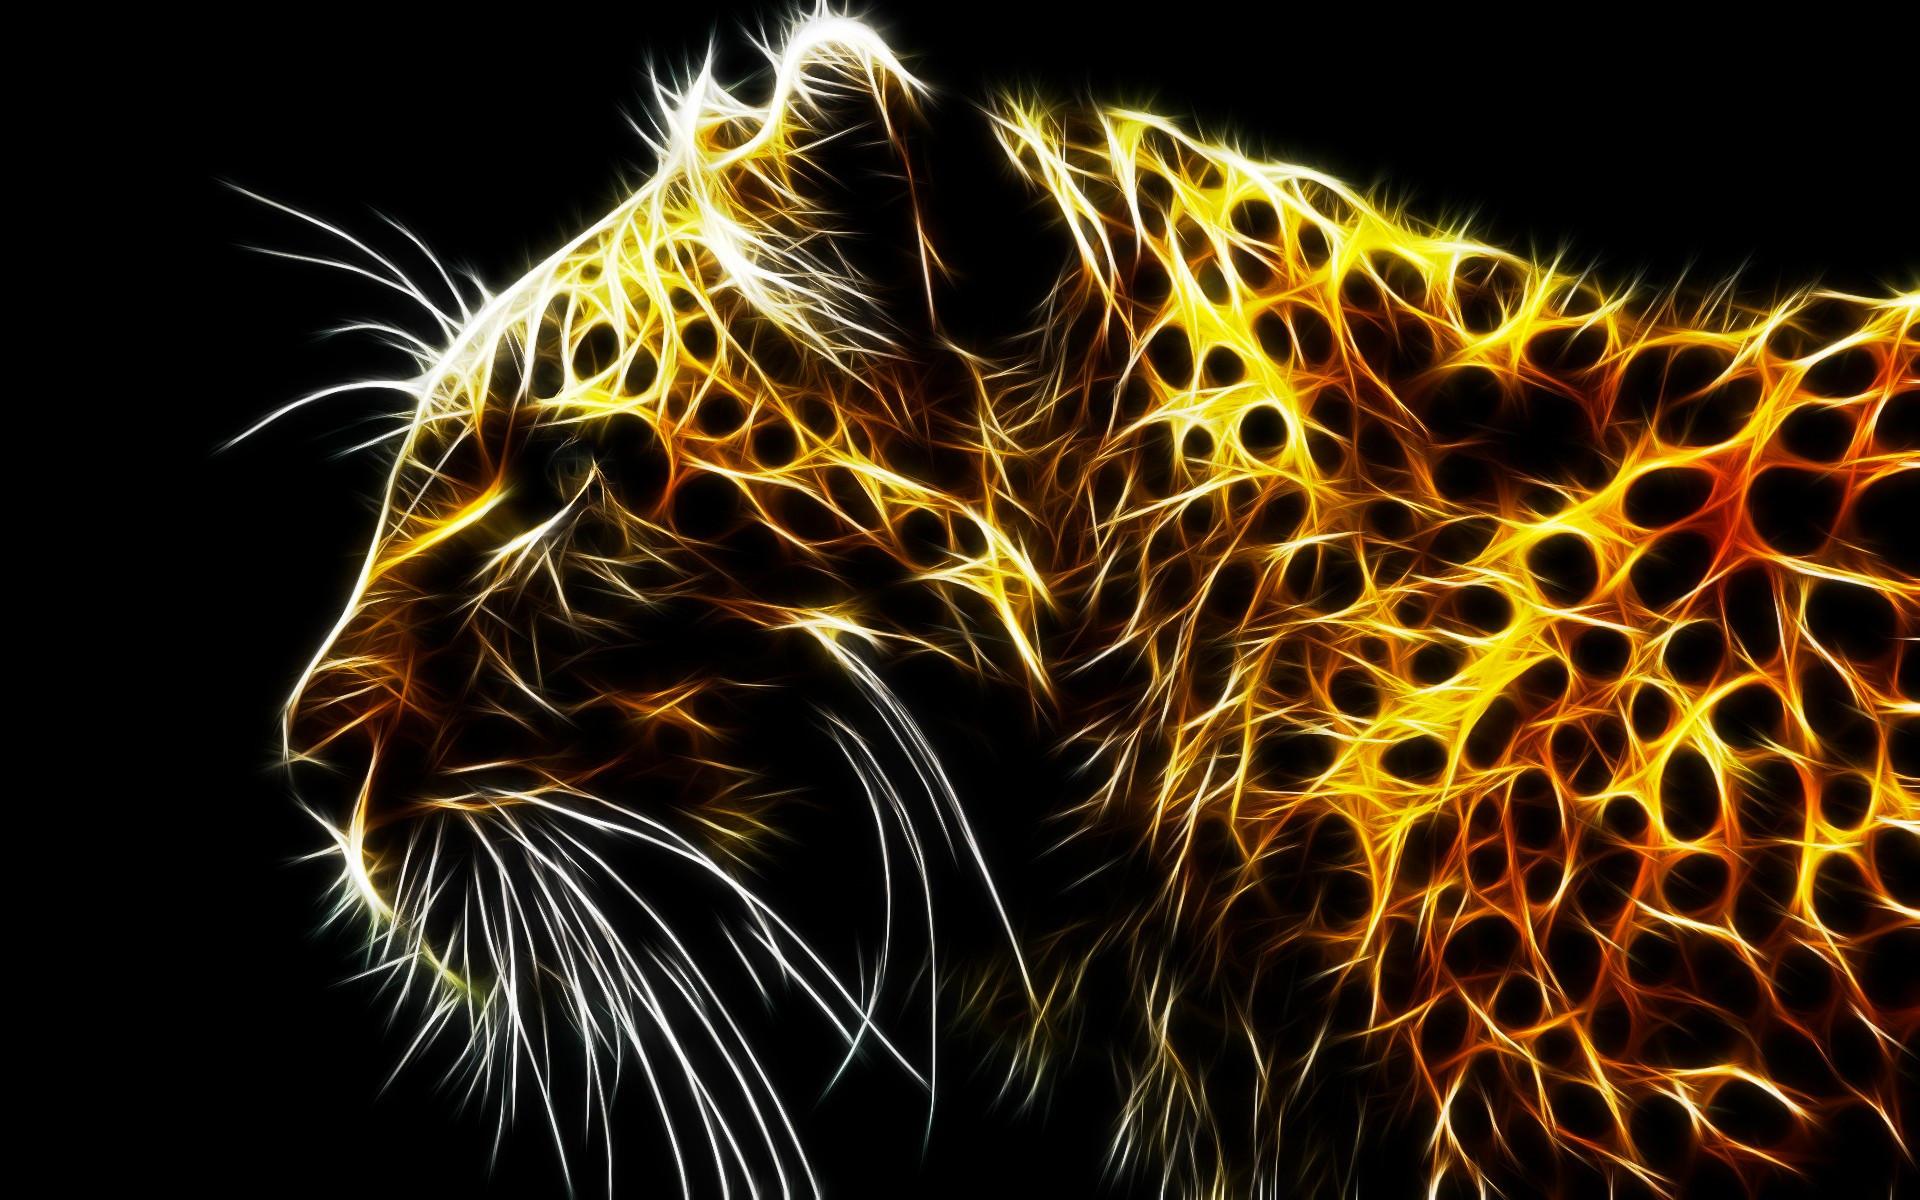 Digital Leopard Art Wallpapers: Fonds D'écran Abstrait Créature